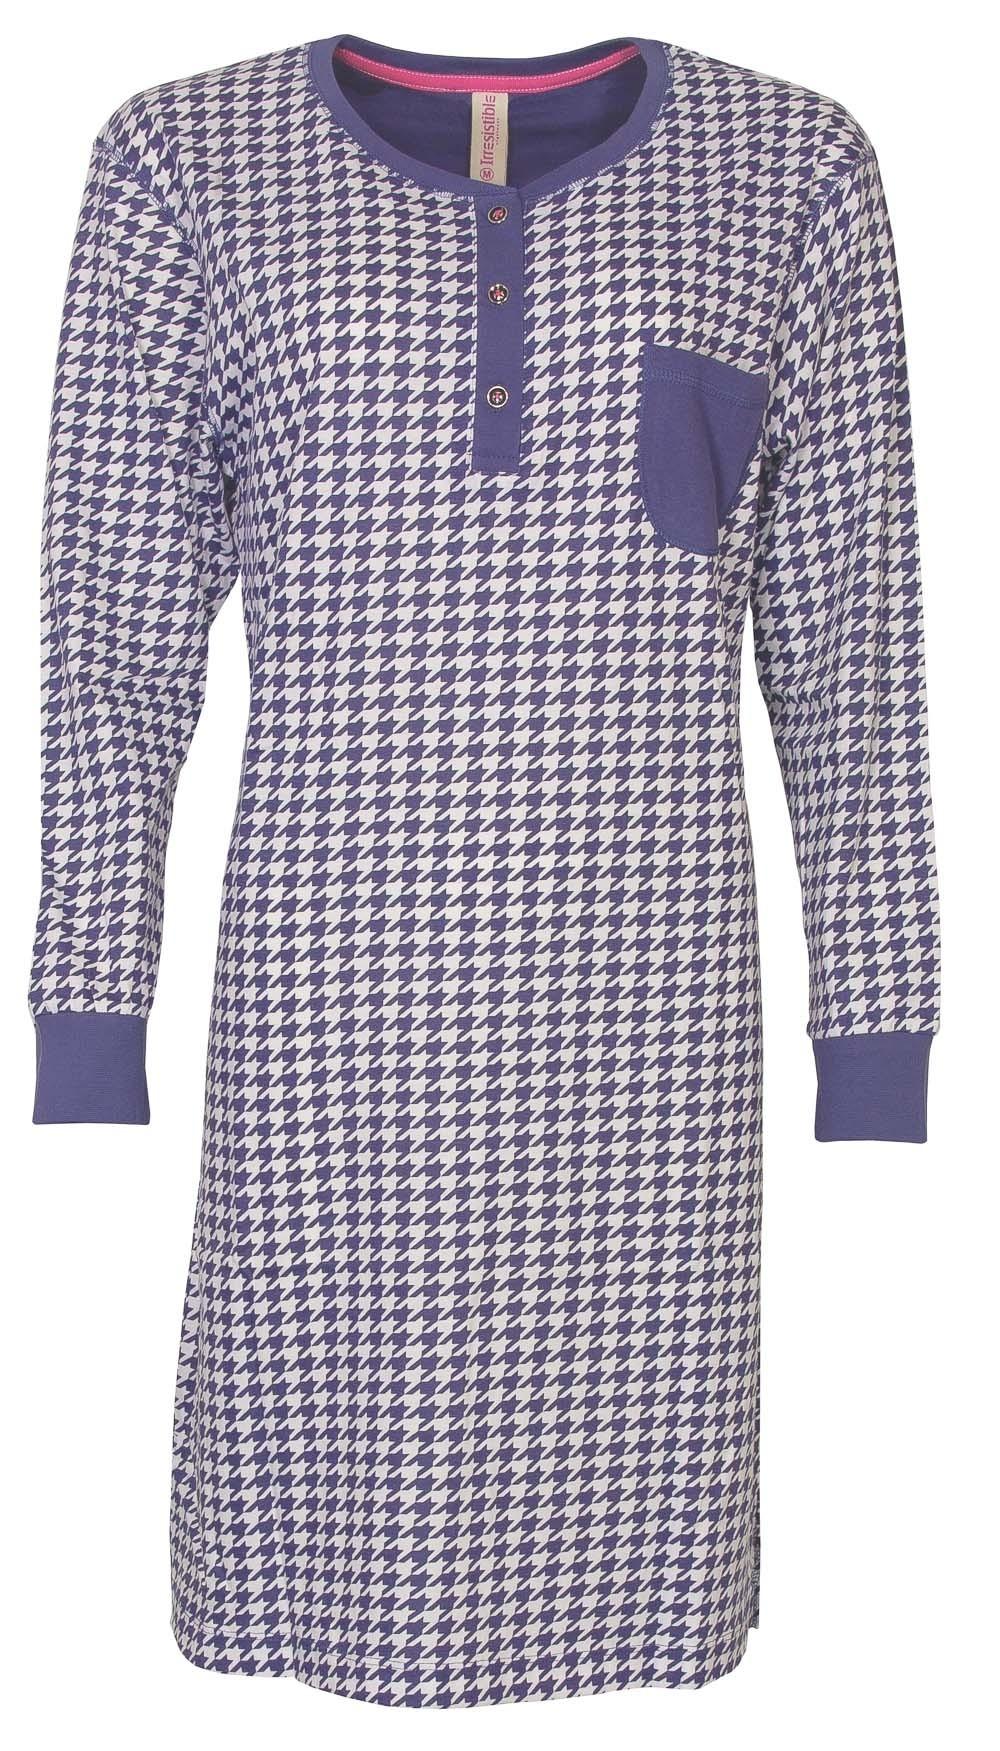 Dames nachthemd IRNGD 2804A-L